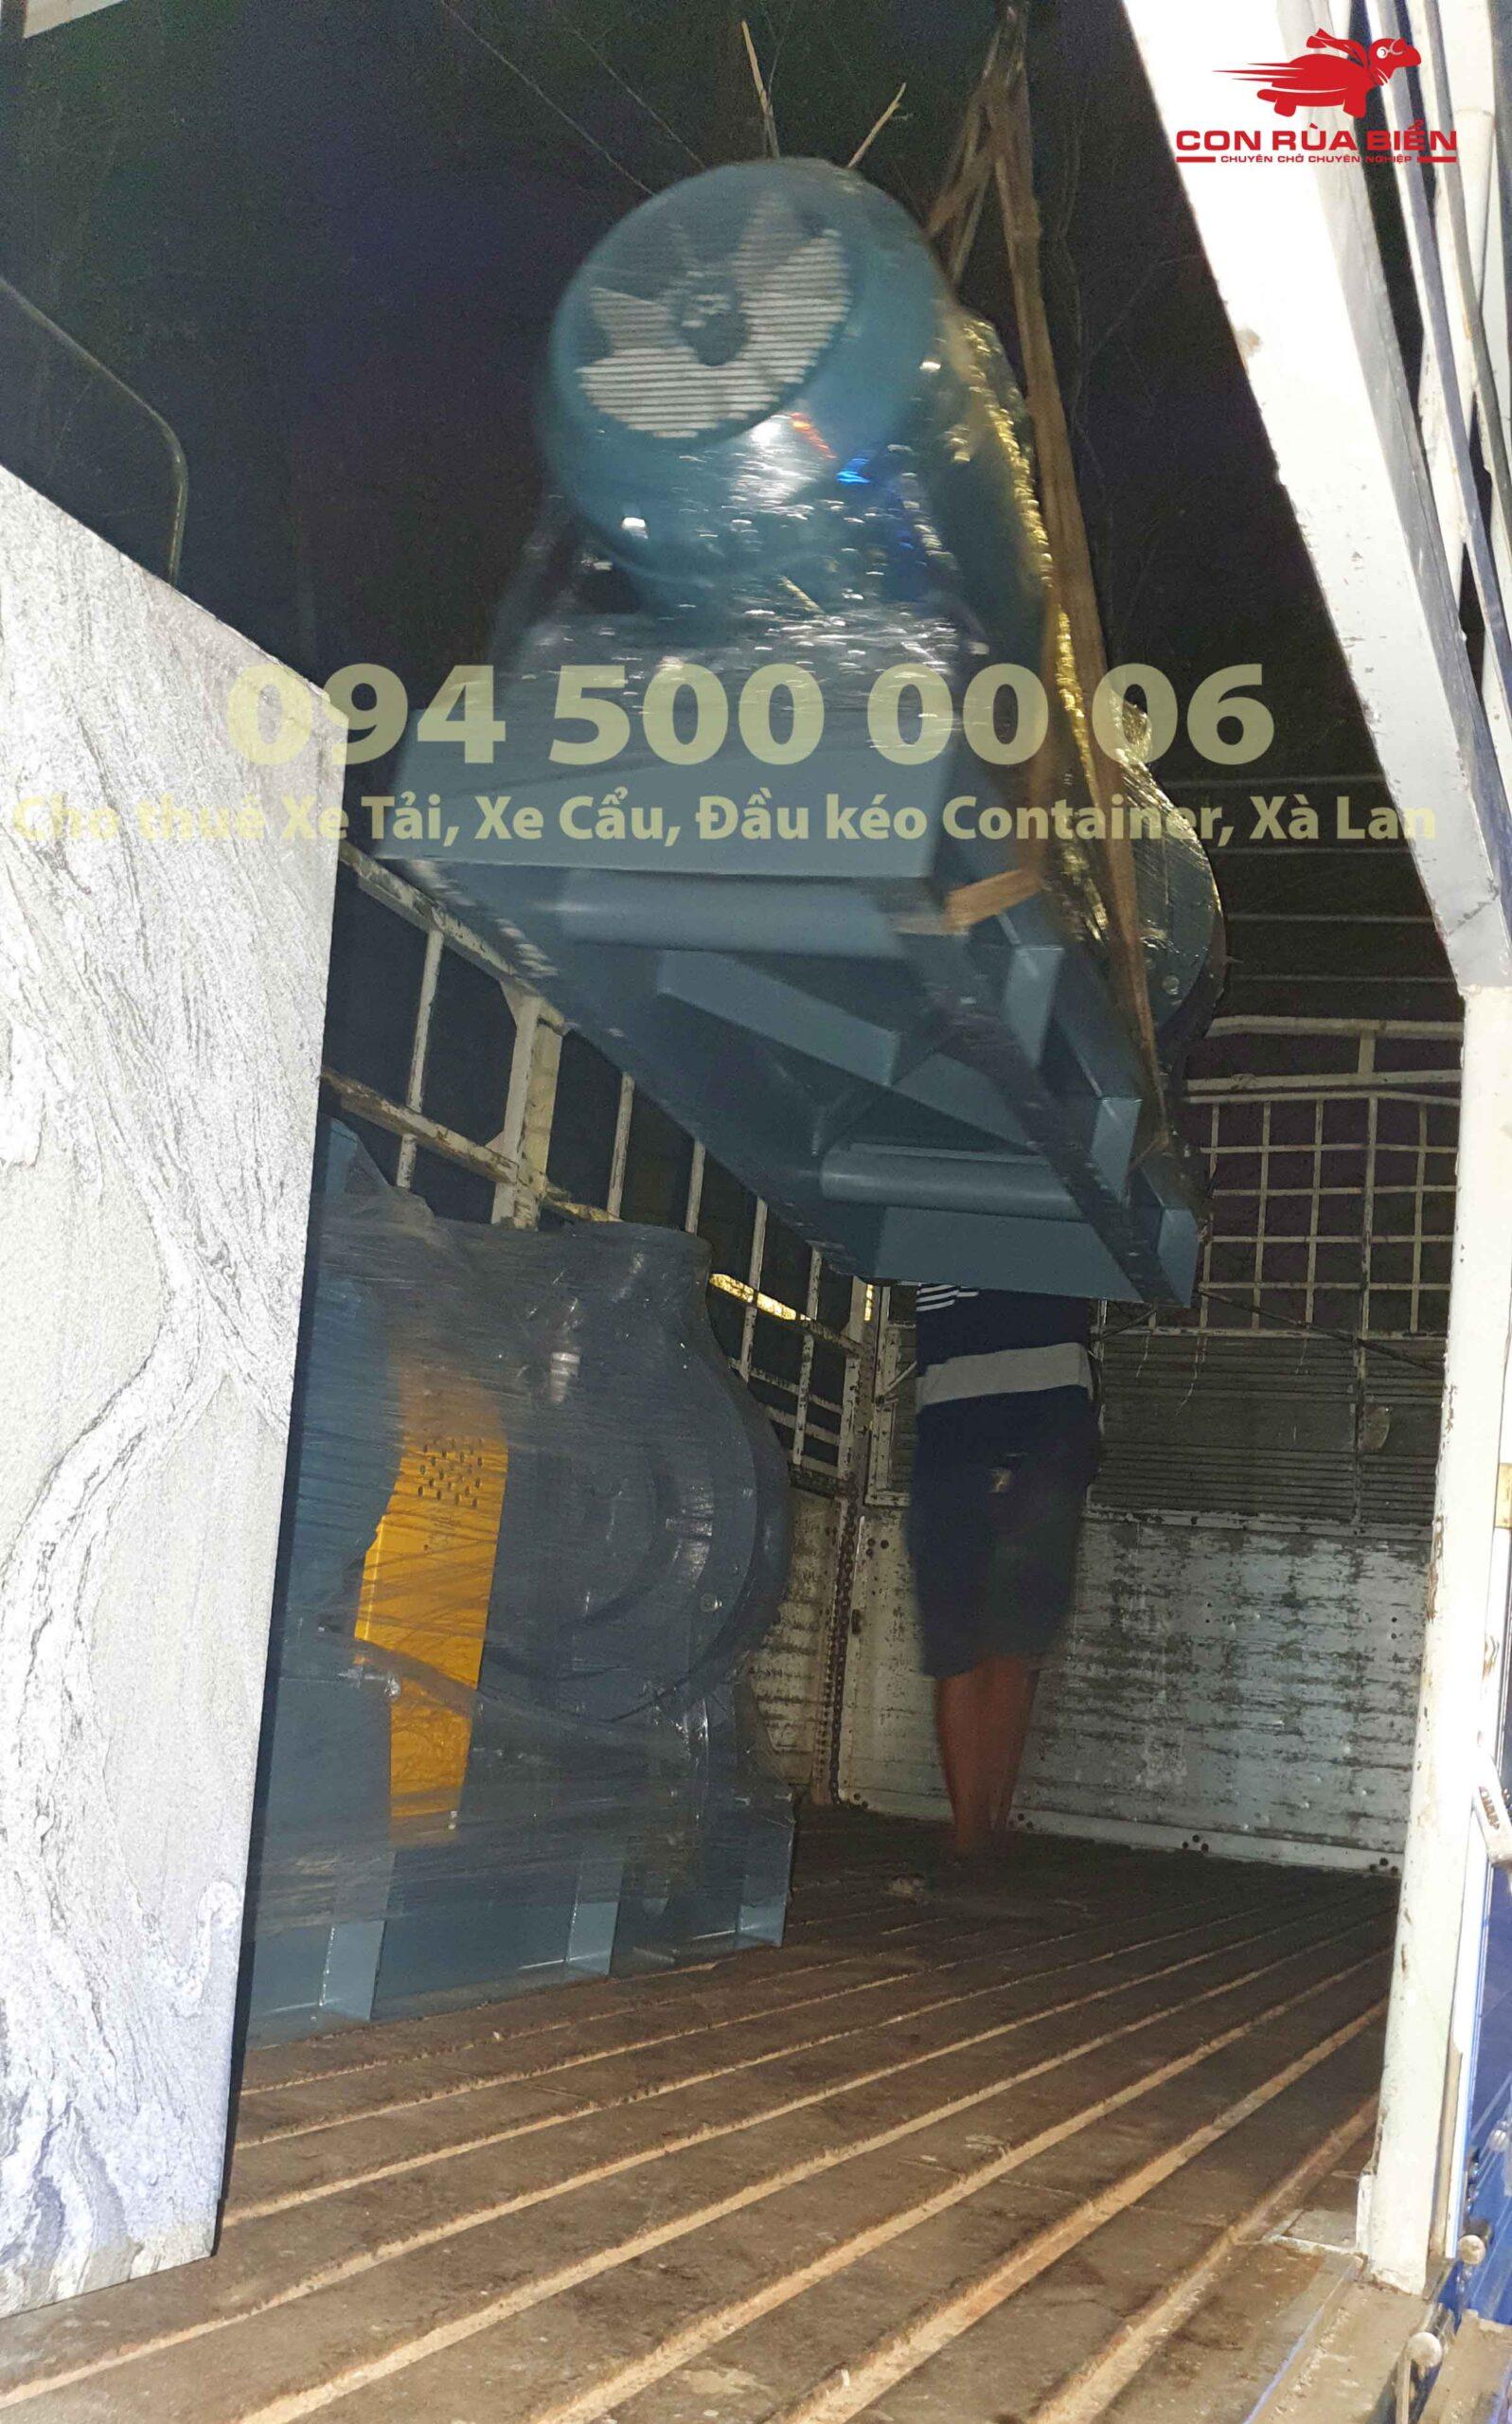 Van chuyen may bom di Phu Quoc theo hinh thuc ghep hang nho le 7 scaled